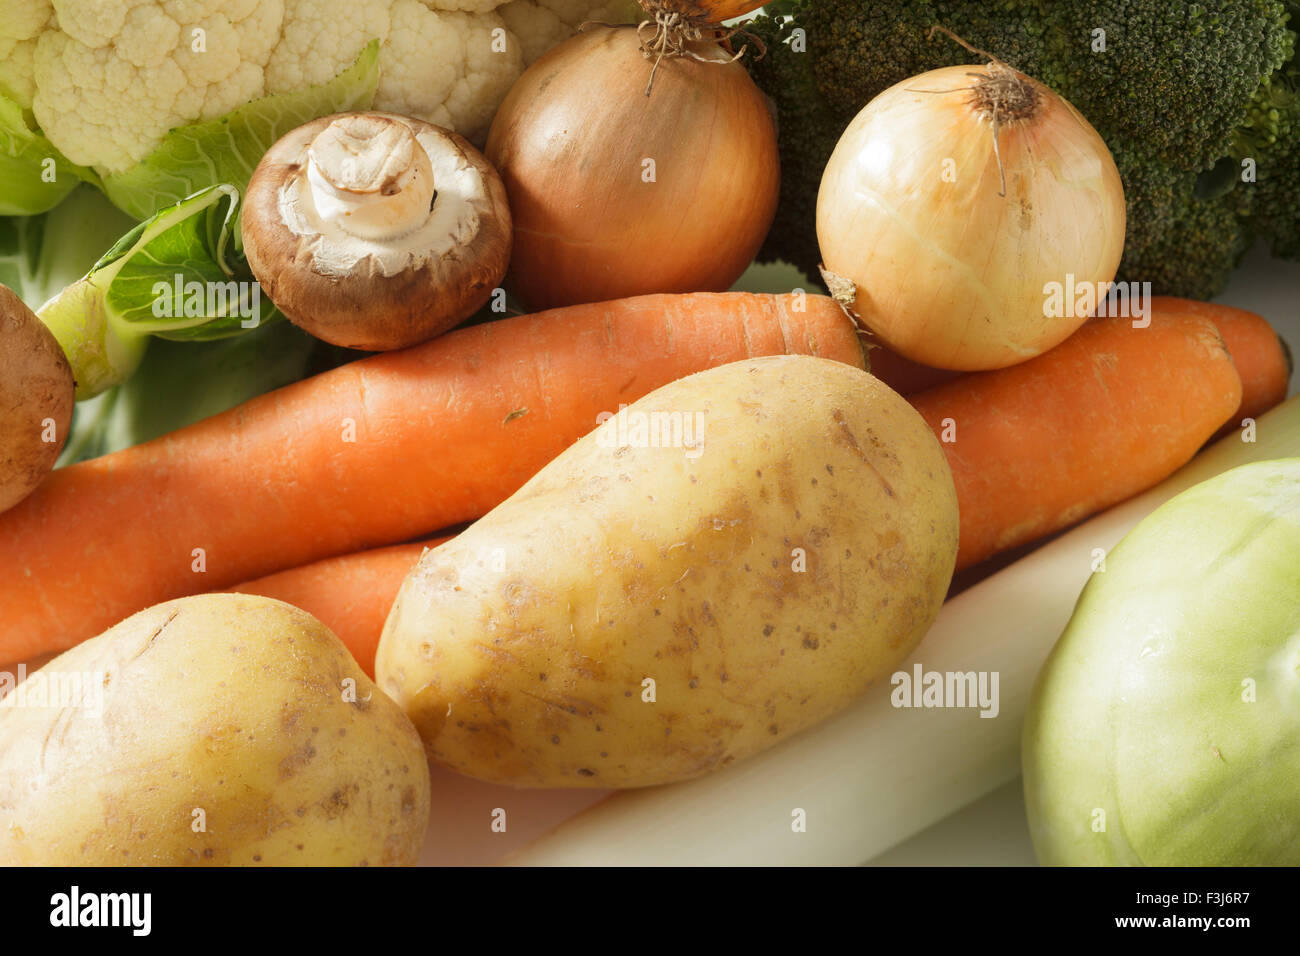 Selección de hortalizas de invierno Imagen De Stock